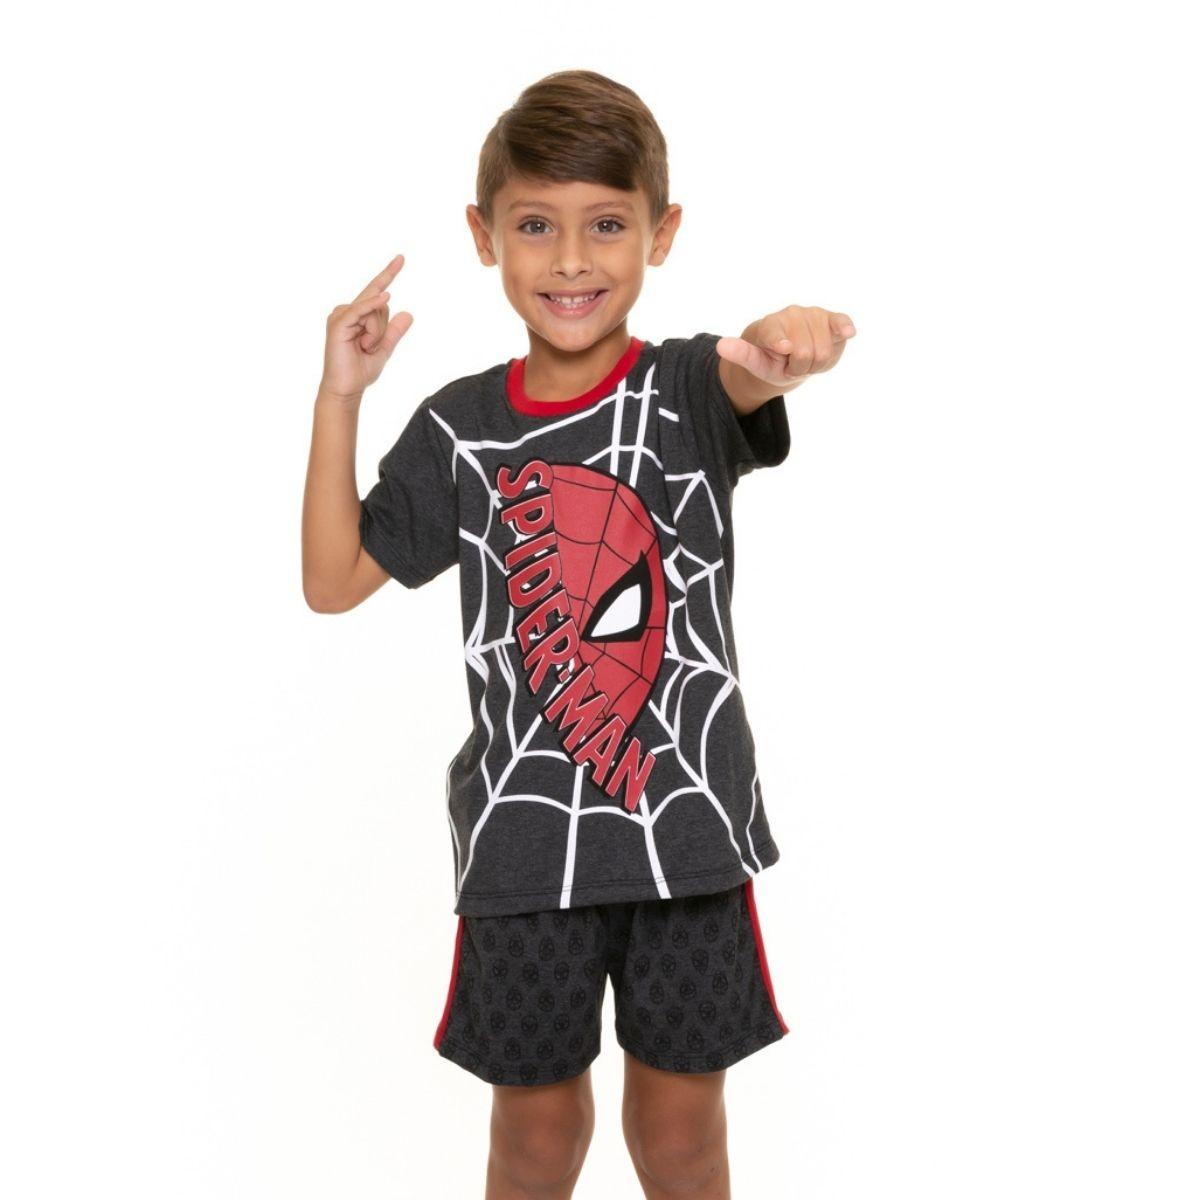 Pijama filho infantil homem aranha preto personagem marvel